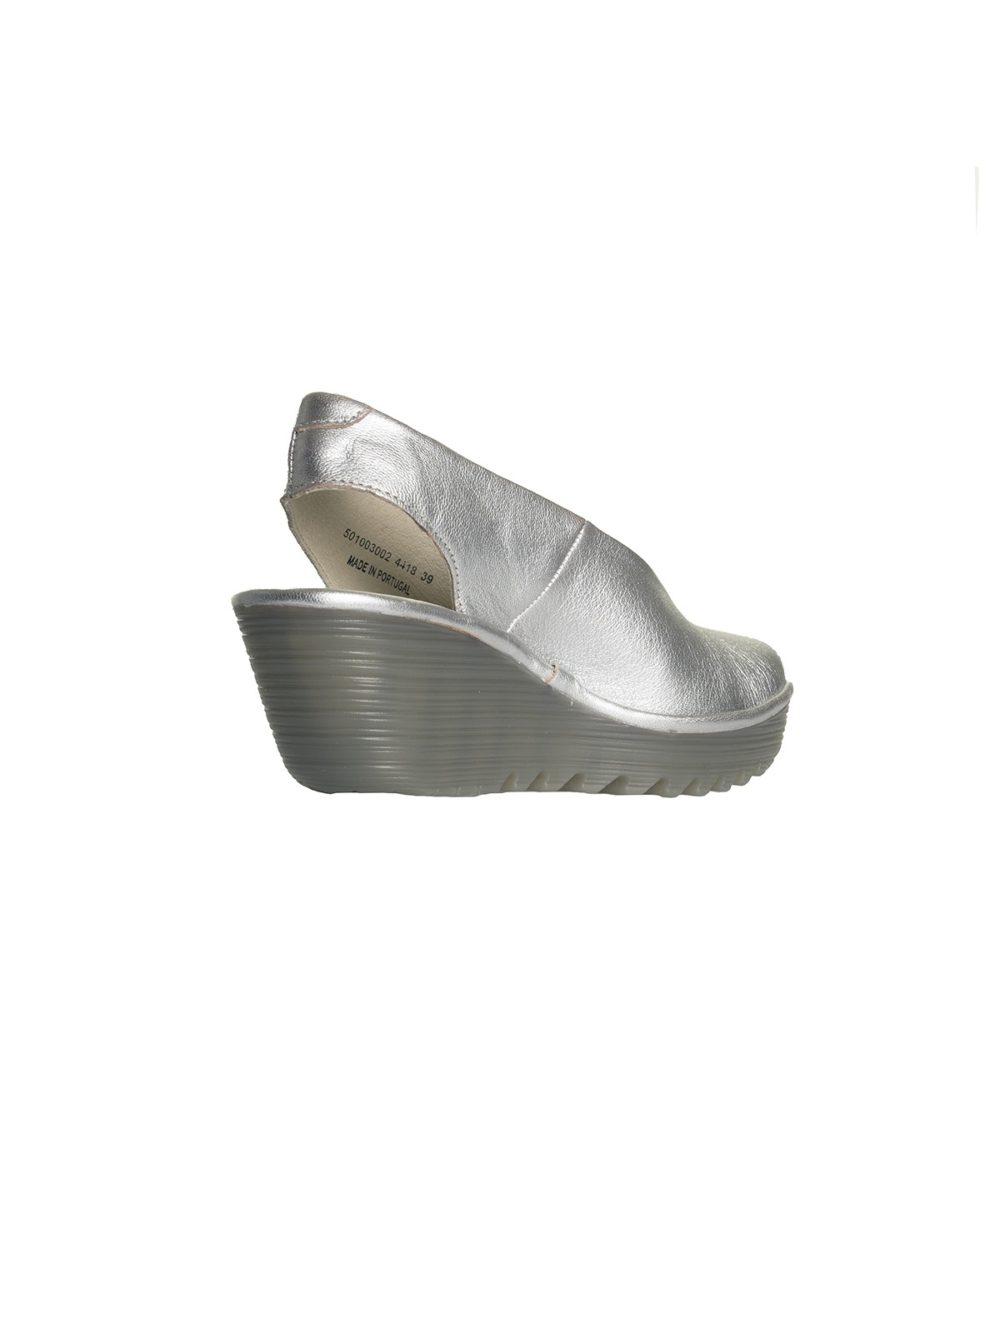 Yane Sandal Fly London Katie Kerr Women's Sandals